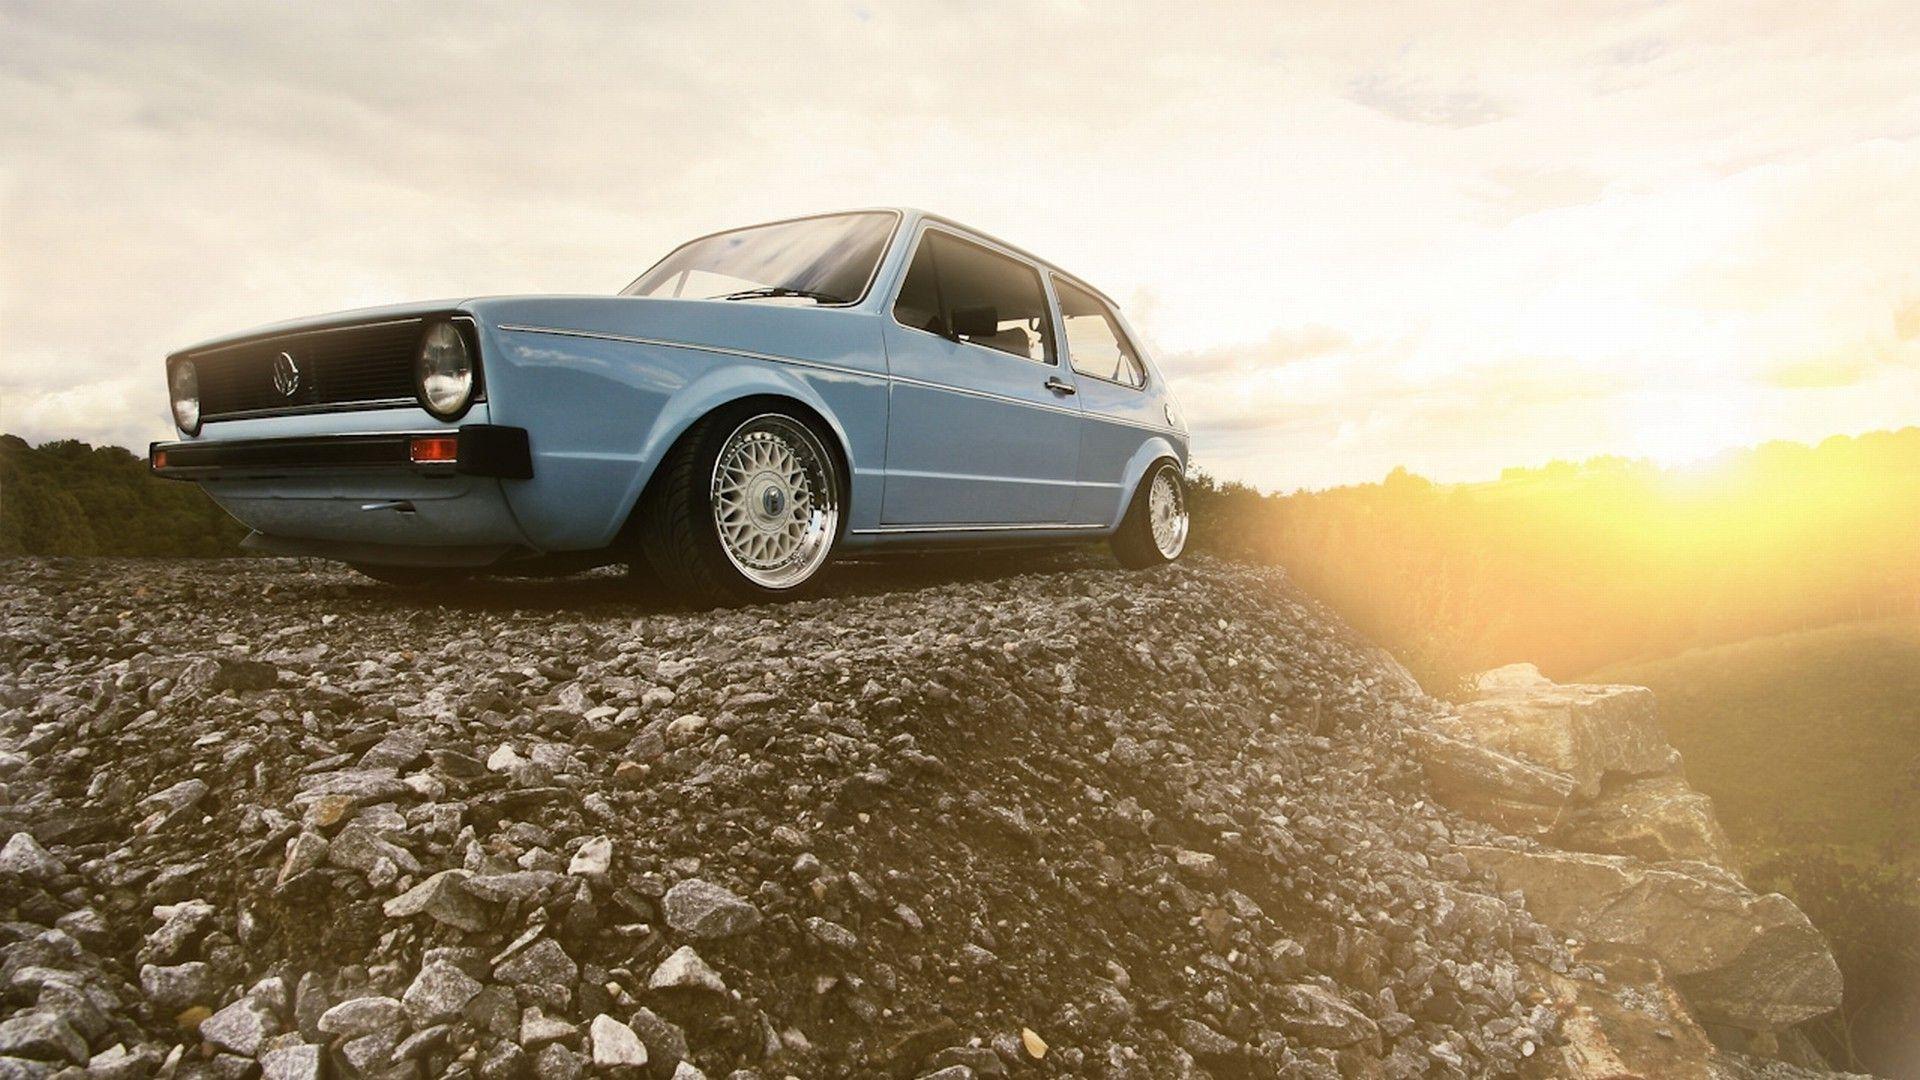 Volkswagen Golf Ii Wallpapers Wallpaper Cave